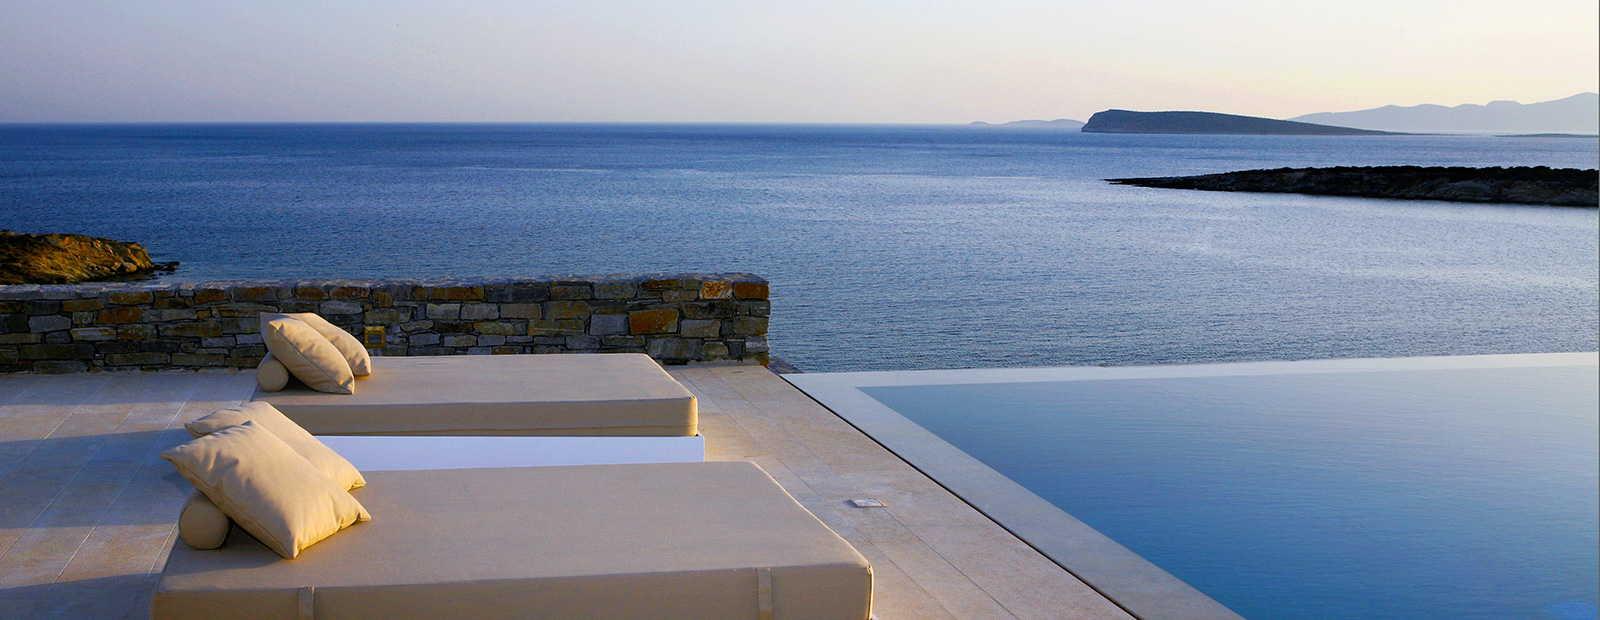 Gozo Luxury Hotels